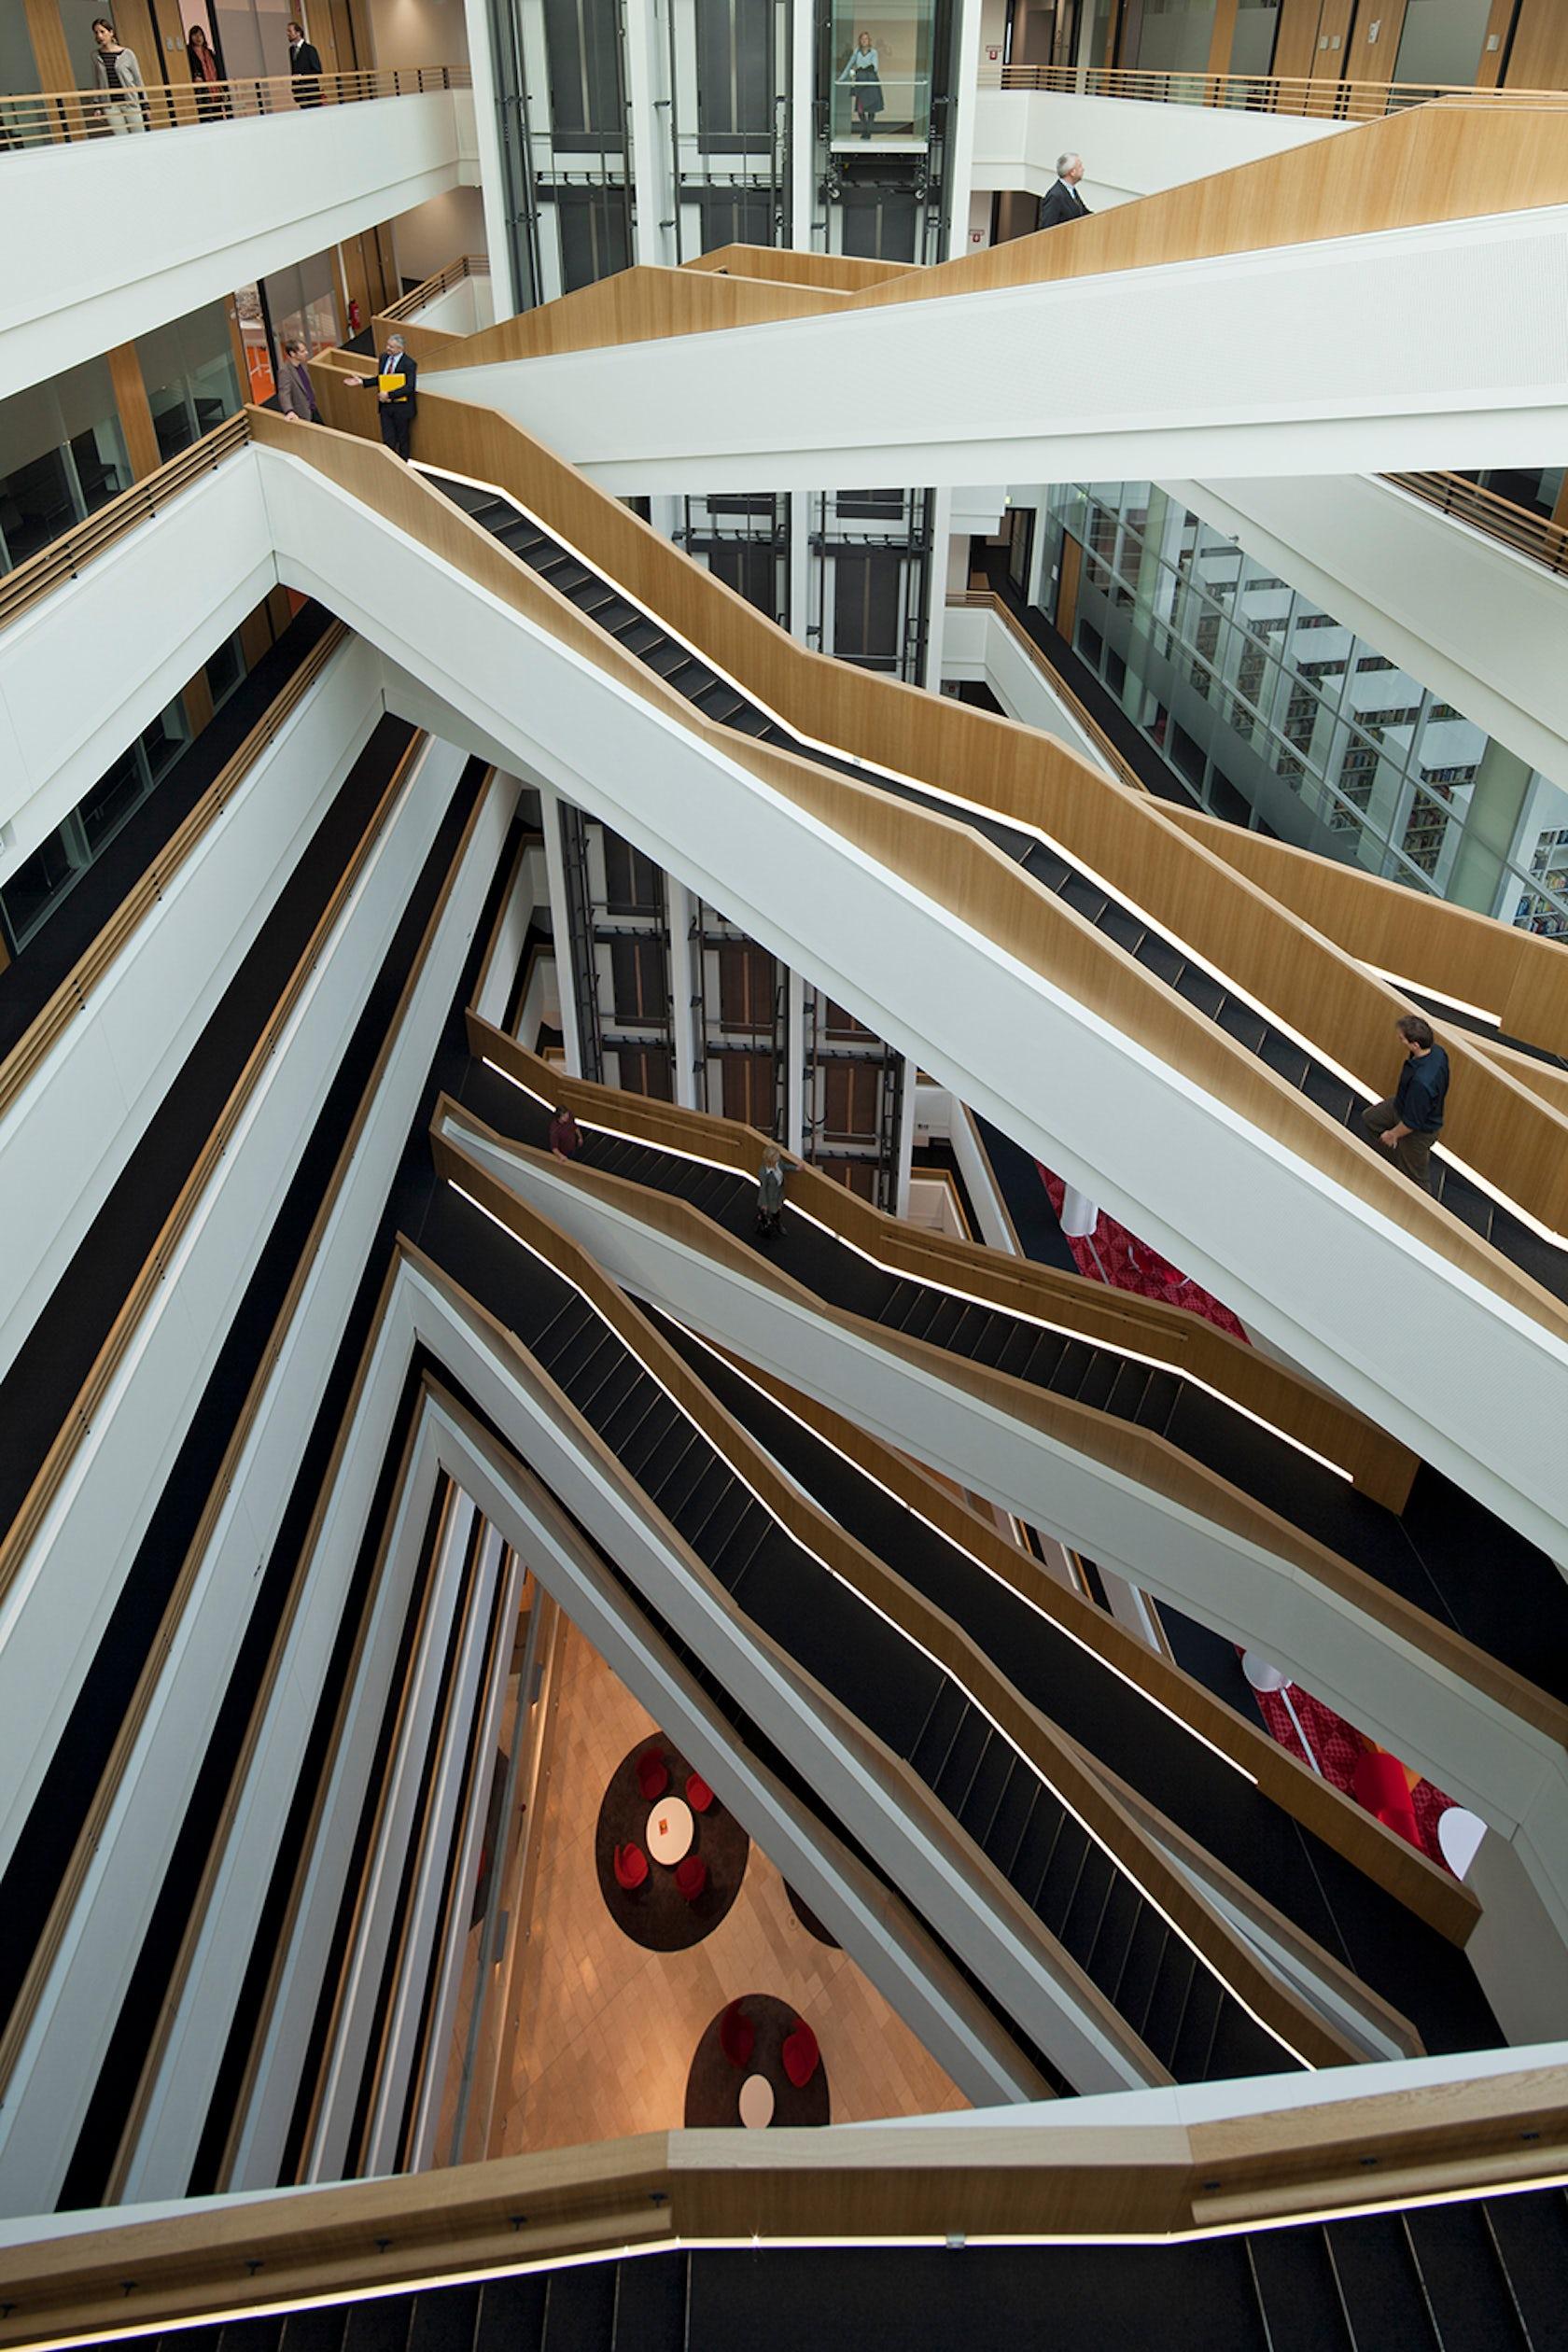 Spiegel headquarters architizer for Hamburg spiegel